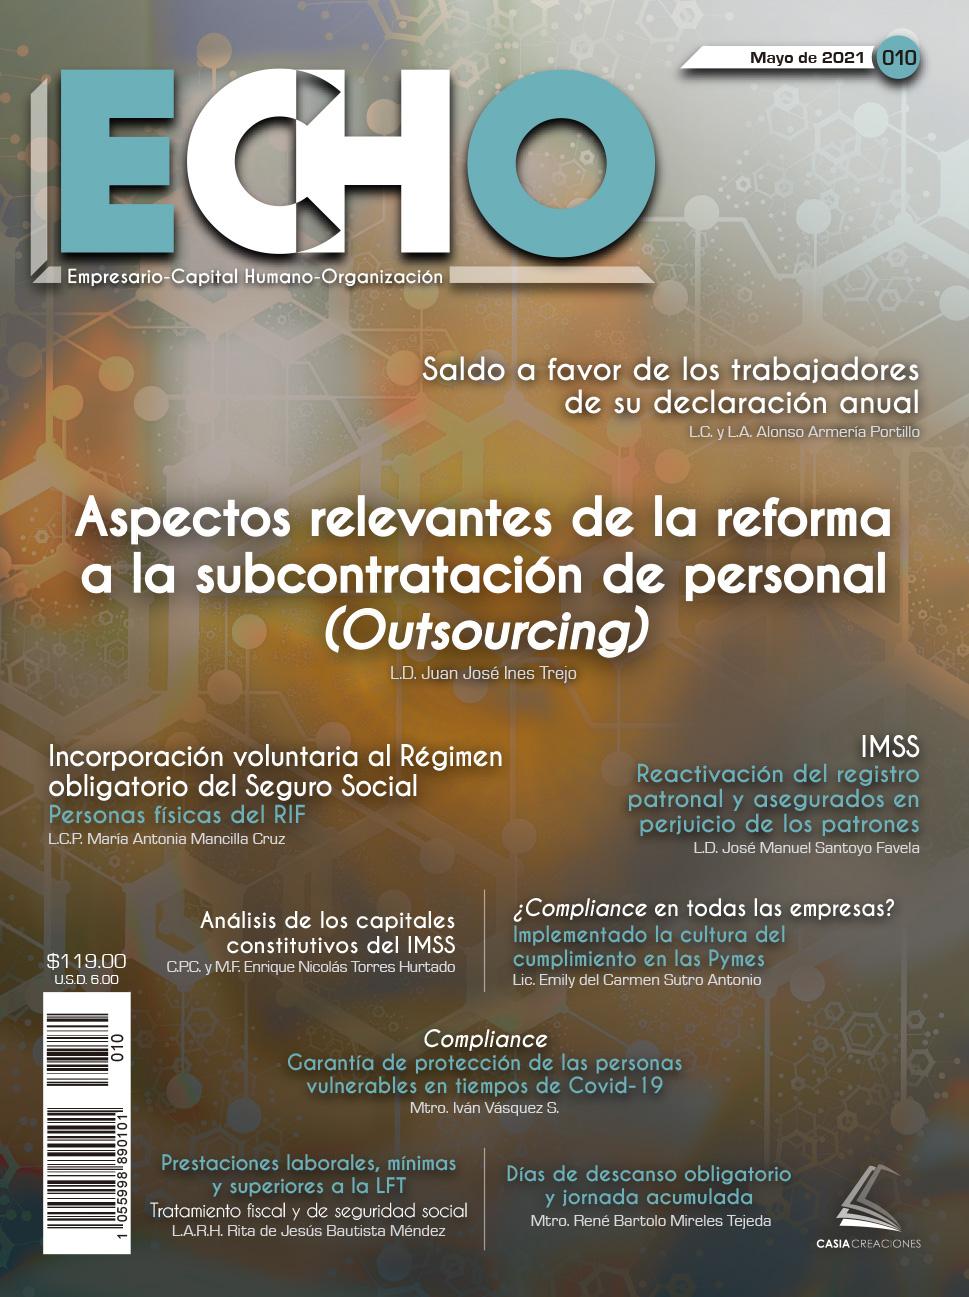 Reforma-Outsourcing-Incorporación-voluntaria